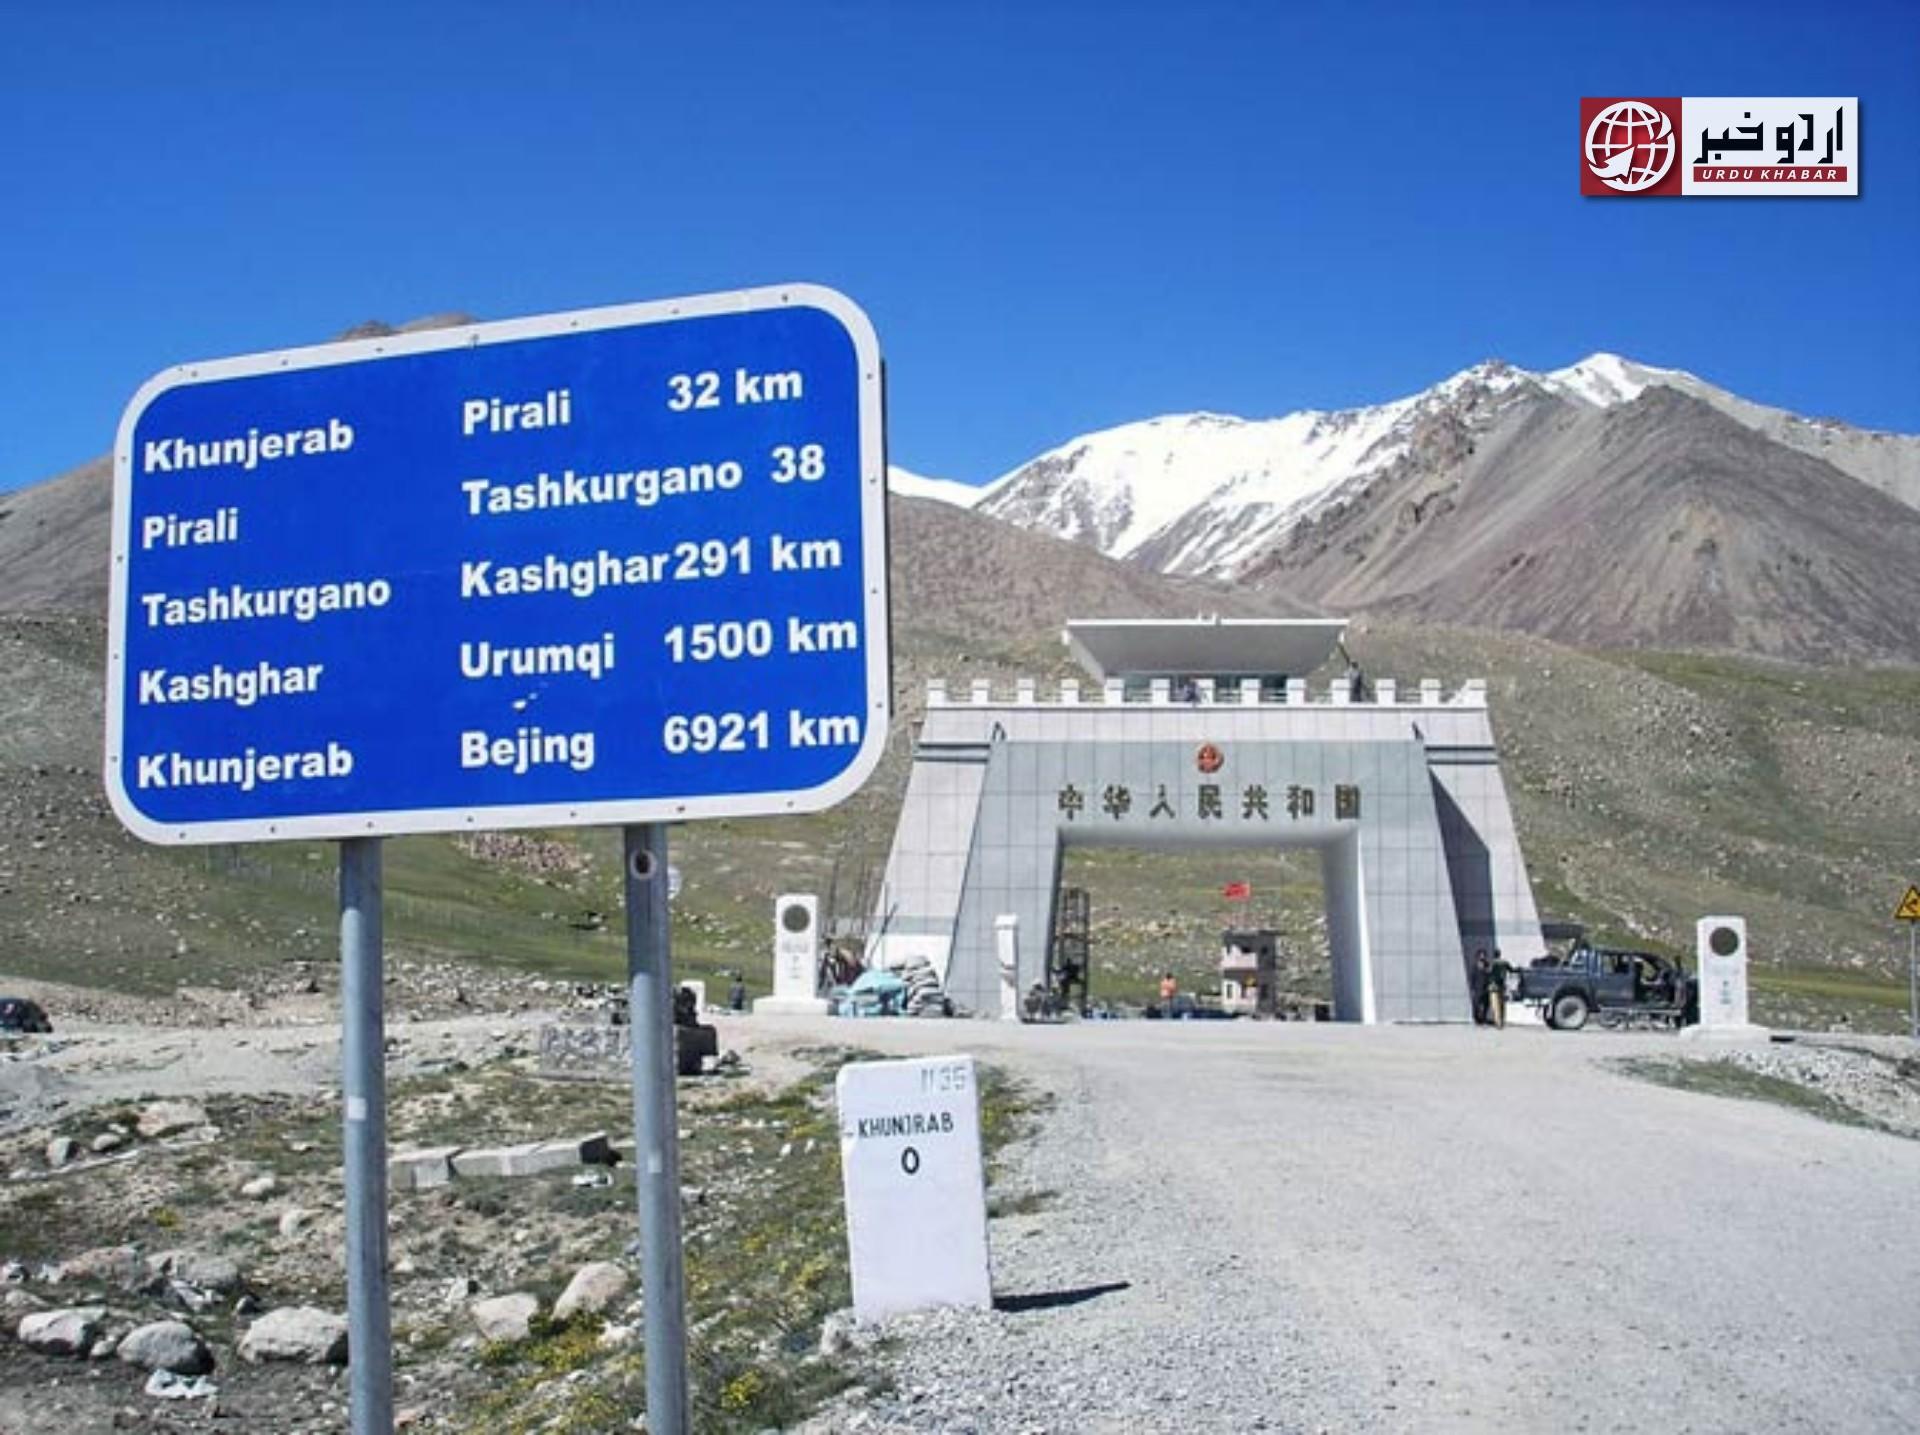 پاکستان اور چائنہ بارڈر پر خاص مقصد کے تحت تنازعہ پیدا کر رہے ہیں، بھارتی وزیر دفاع